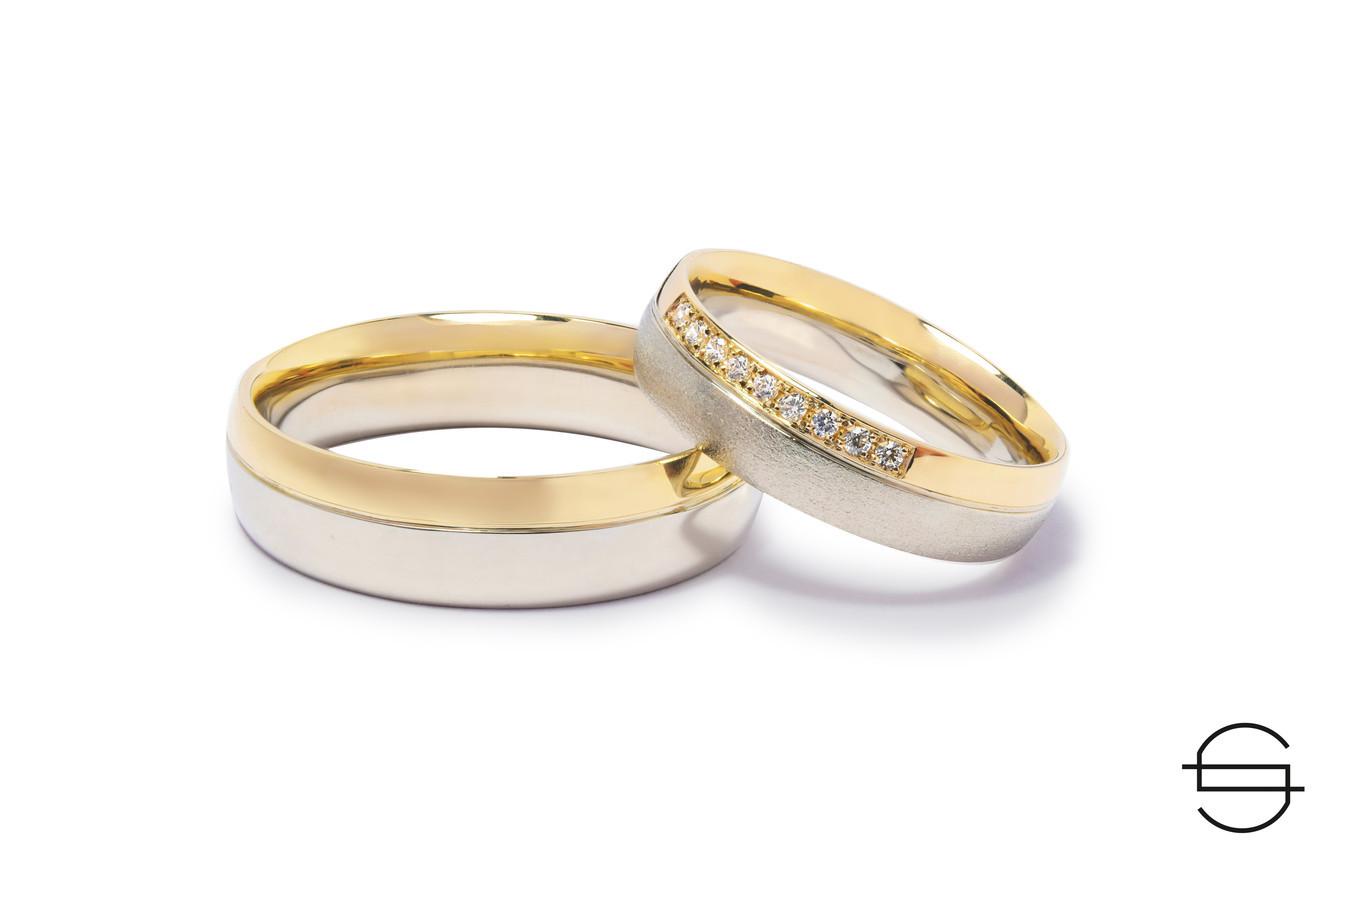 Geltono ir balto aukso vestuviniai žiedai. Moteriškas puoštas briliantais.